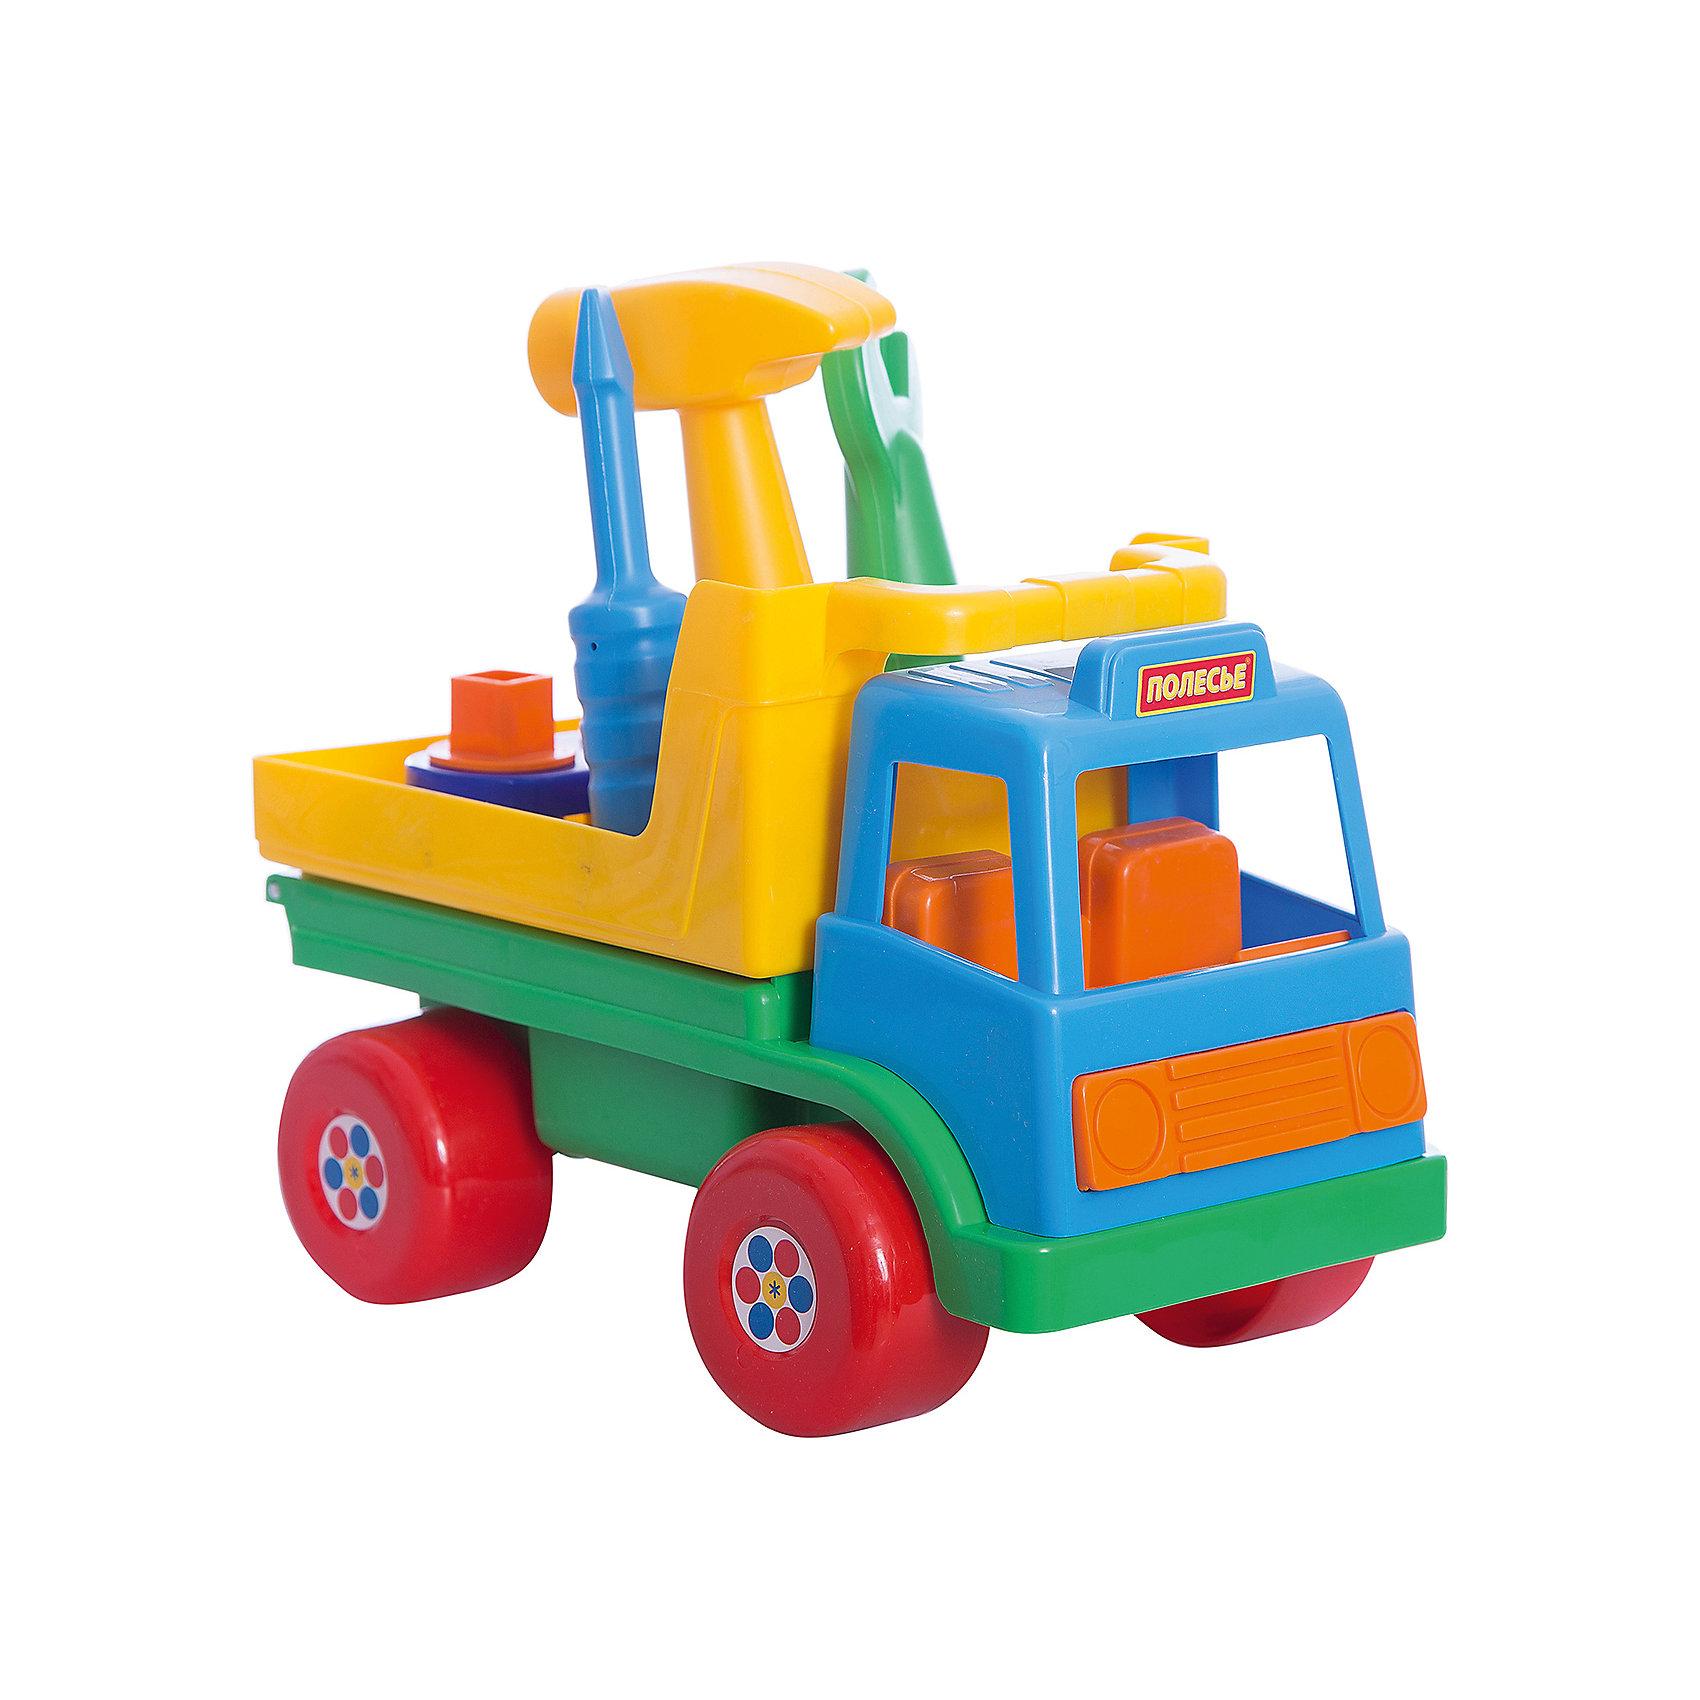 Автомобиль Техпомощь, ПолесьеМашинки и транспорт для малышей<br>Автомобиль Техпомощь, Полесье.<br><br>Характеристики:<br><br>- В комплекте: машинка, молоток, отвертка, гаечный ключ, три гвоздя, три болта<br>- Размер машинки: 26x15,5x17.5 см.<br>- Длина отвертки, гаечного ключа и молотка: 14 см.<br>- Материал: пластик<br><br>Яркий автомобиль Техпомощь от фирмы Полесье - это развивающая игрушечная машинка с набором инструментов. Кузов машинки откидывается и превращается в игровую платформу с отверстиями. В самые маленькие отверстия молоточком можно забивать игрушечные гвоздики. В отверстия побольше с резьбой, отверткой или гаечным ключом завинчивать болтики. Форма инструментов разработана с учетом размера детских рук. Хранить инструменты начинающий механик может в кузове автомобиля: для этого в нем предусмотрены специальные места. Кабина автомобиля оснащена сиденьями. В нее можно посадить подходящую по размеру мини-фигурку. Благодаря пластиковым колесам со свободным ходом машина может легко преодолеть любые препятствия. Игрушка изготовлена из безопасного пластика, отличается высокой прочностью и отличным качеством сборки.<br><br>Автомобиль Техпомощь, Полесье можно купить в нашем интернет-магазине.<br><br>Ширина мм: 260<br>Глубина мм: 155<br>Высота мм: 175<br>Вес г: 360<br>Возраст от месяцев: 36<br>Возраст до месяцев: 96<br>Пол: Мужской<br>Возраст: Детский<br>SKU: 4763422